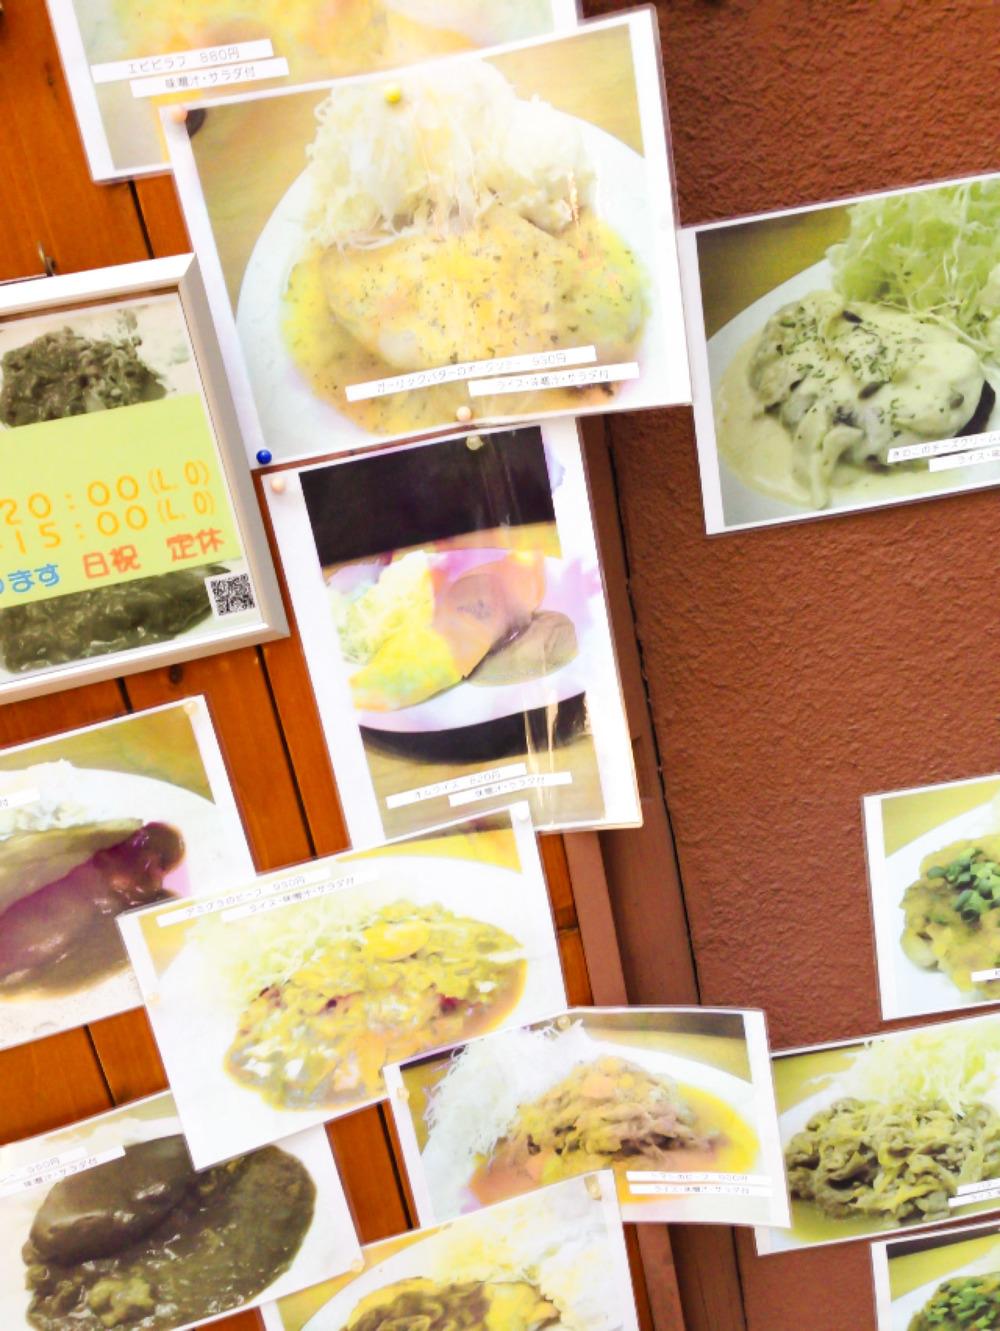 Love the way they present the pictures of their menu..  この何年も変えられてないであろう,扉付近に貼られた乱雑なメニュー写真がツボ。とくに赤く滲んだケチャップ!絶妙なシュール感